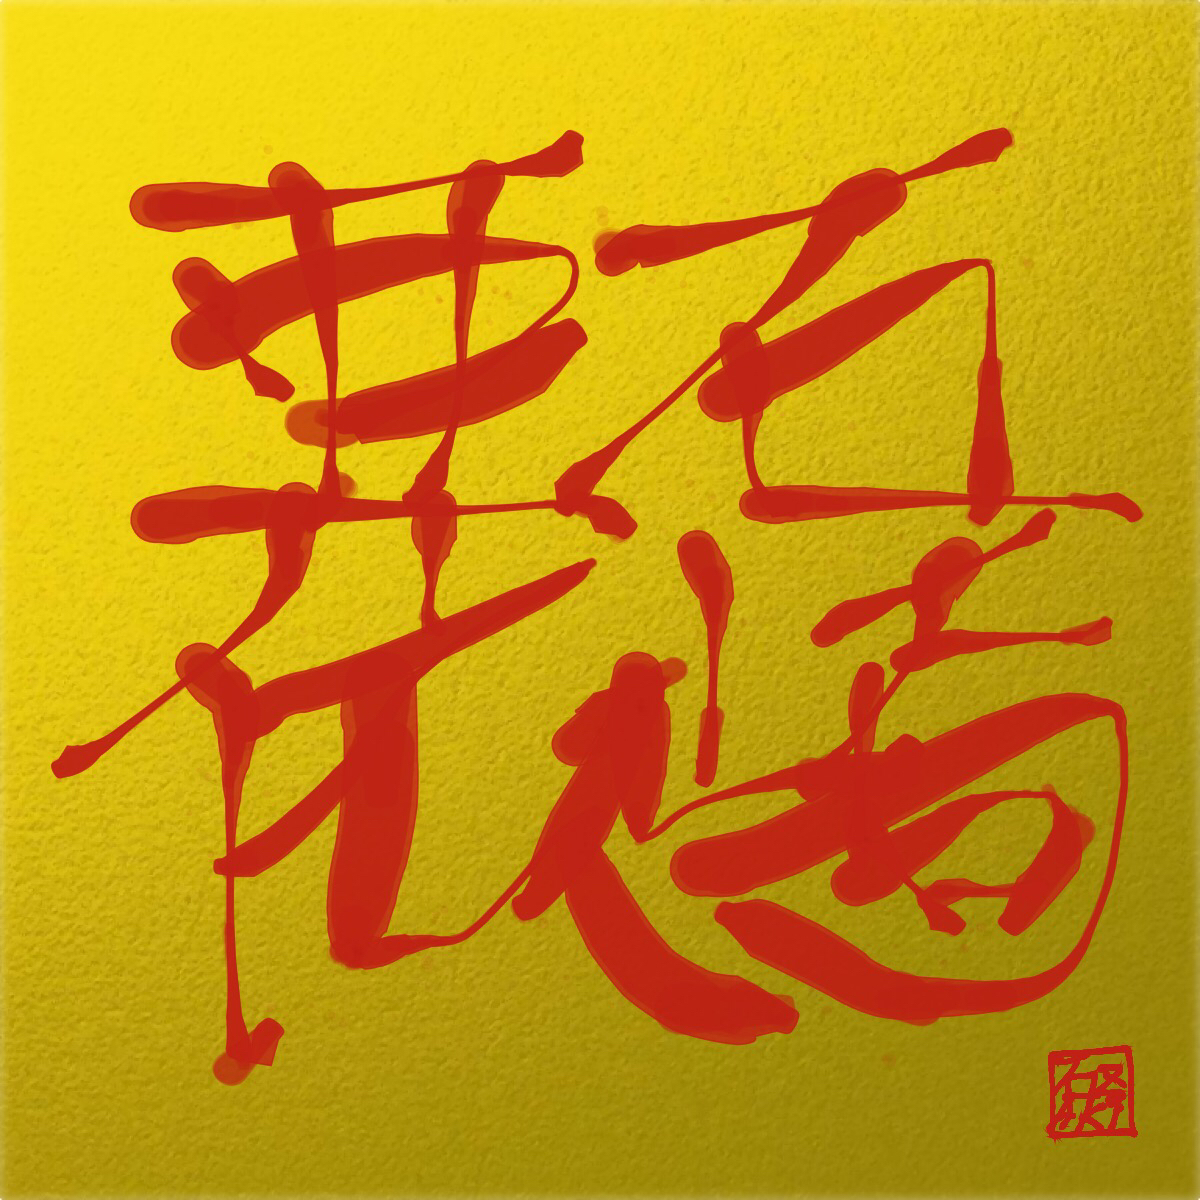 3010 - 価値開発(株) 石崎の投資は!!!  比較的!!!  単騎!!!  楽しみだよね!!!  ルックスフォー 来ZAP!